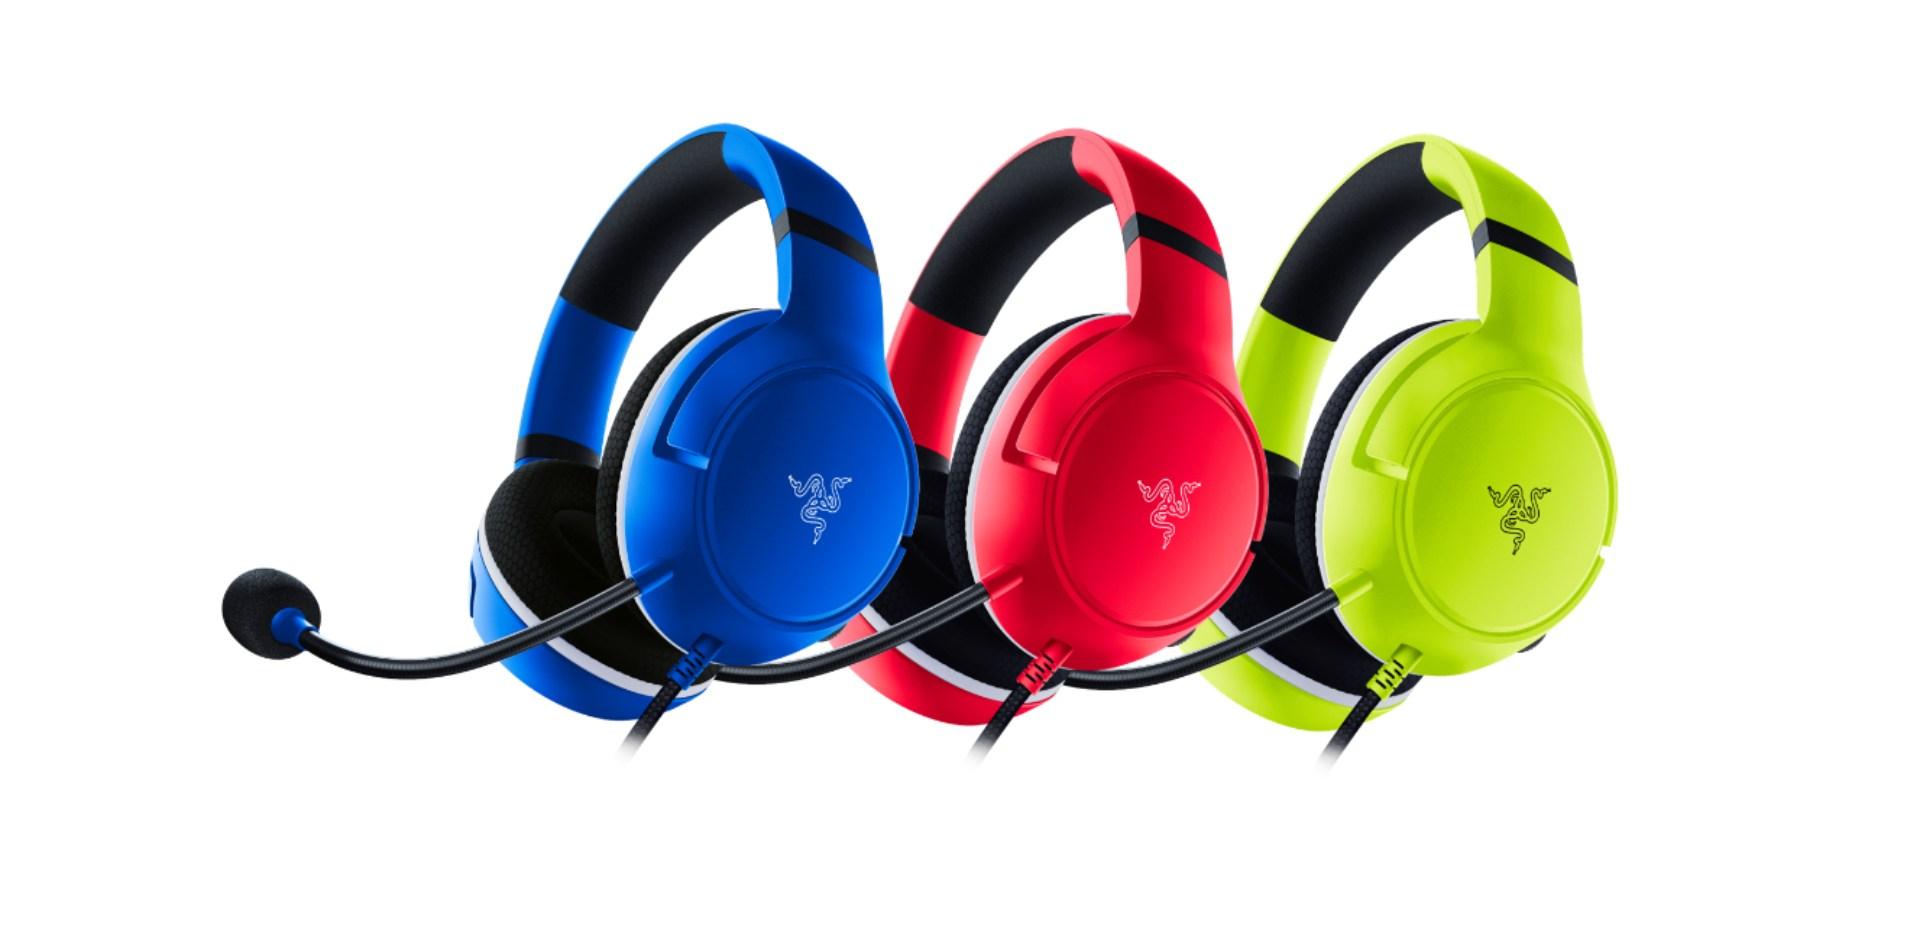 Razer Kaira X colors